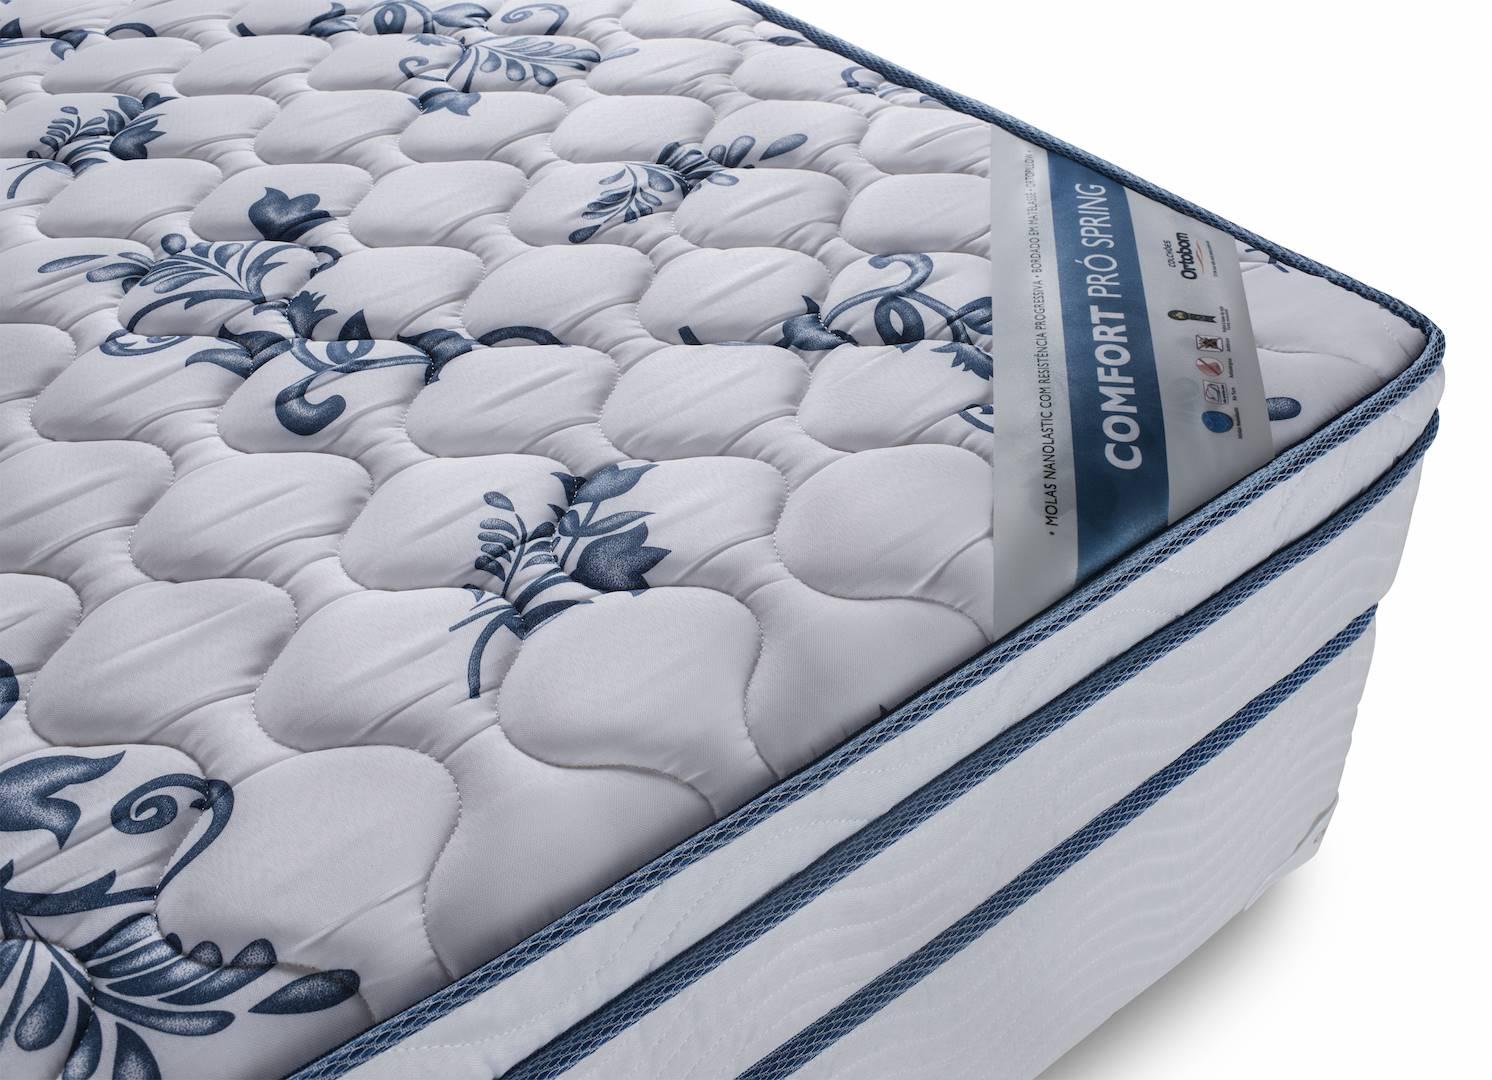 Colchao Comfort Pro Spring Solteiro 88 cm (LARG) Branco e Azul - 43012